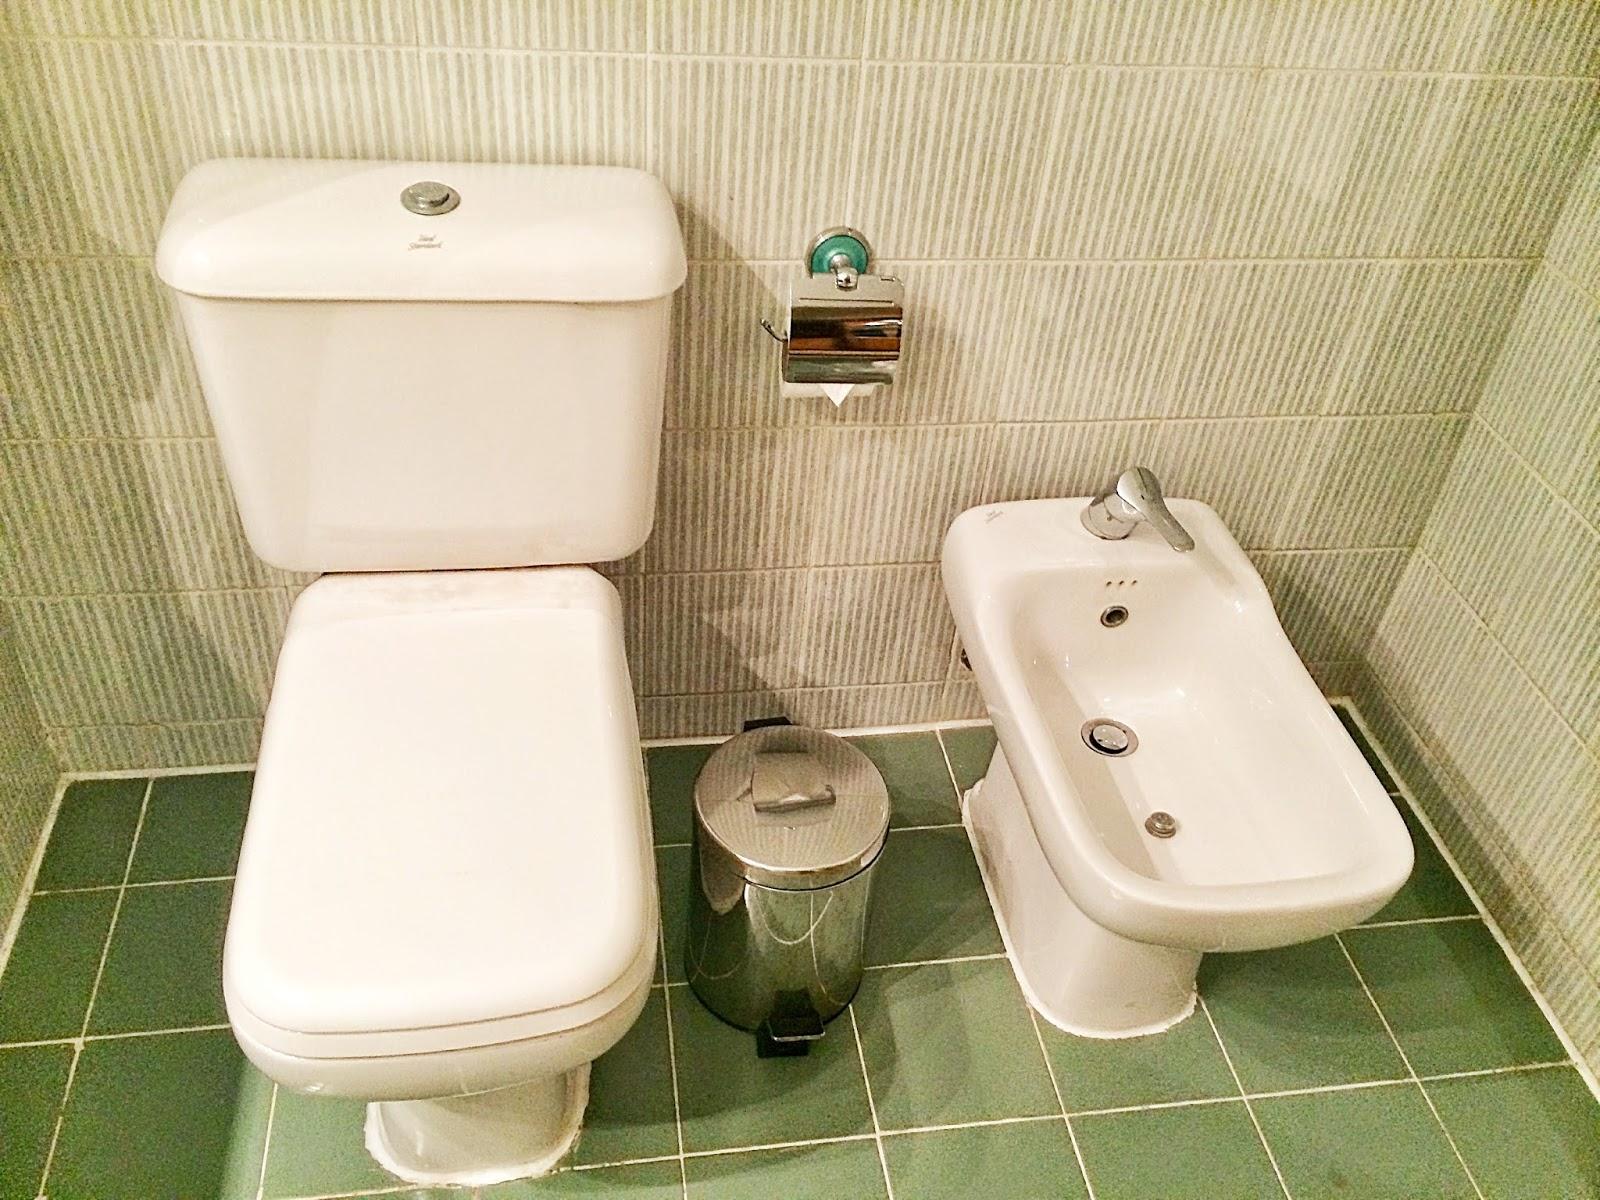 エジプトのホテルのトイレとウドュー用の洗い場